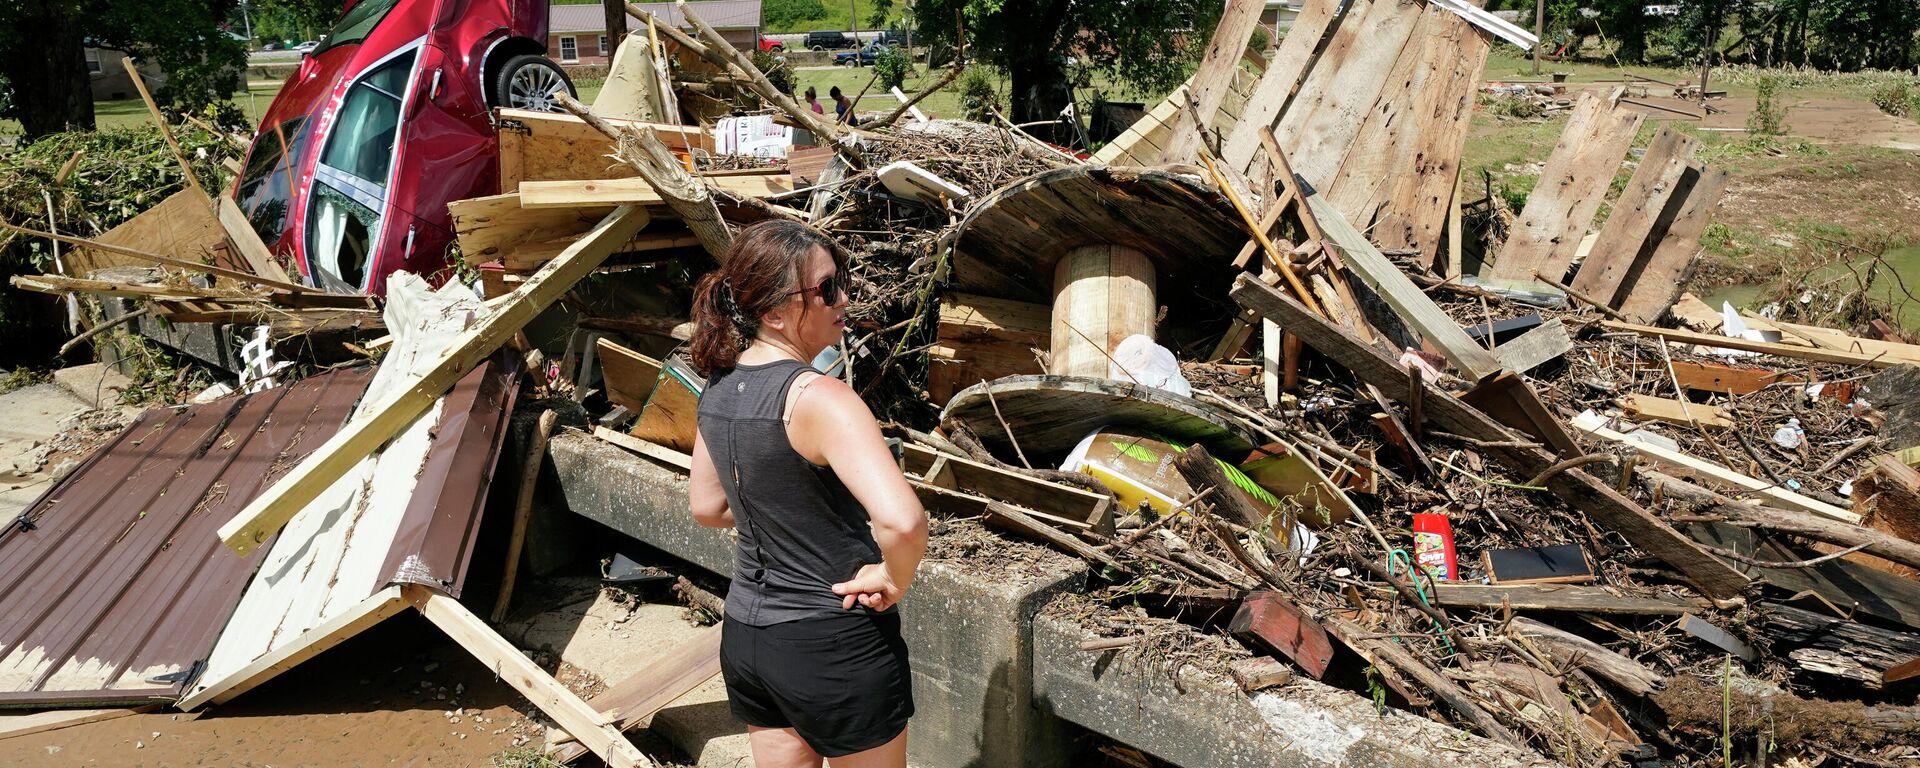 Nach Überschwemmungen im US-Bundesstaat Tennessee: Eine Brücke in der Stadt Waverly,  - SNA, 1920, 23.08.2021